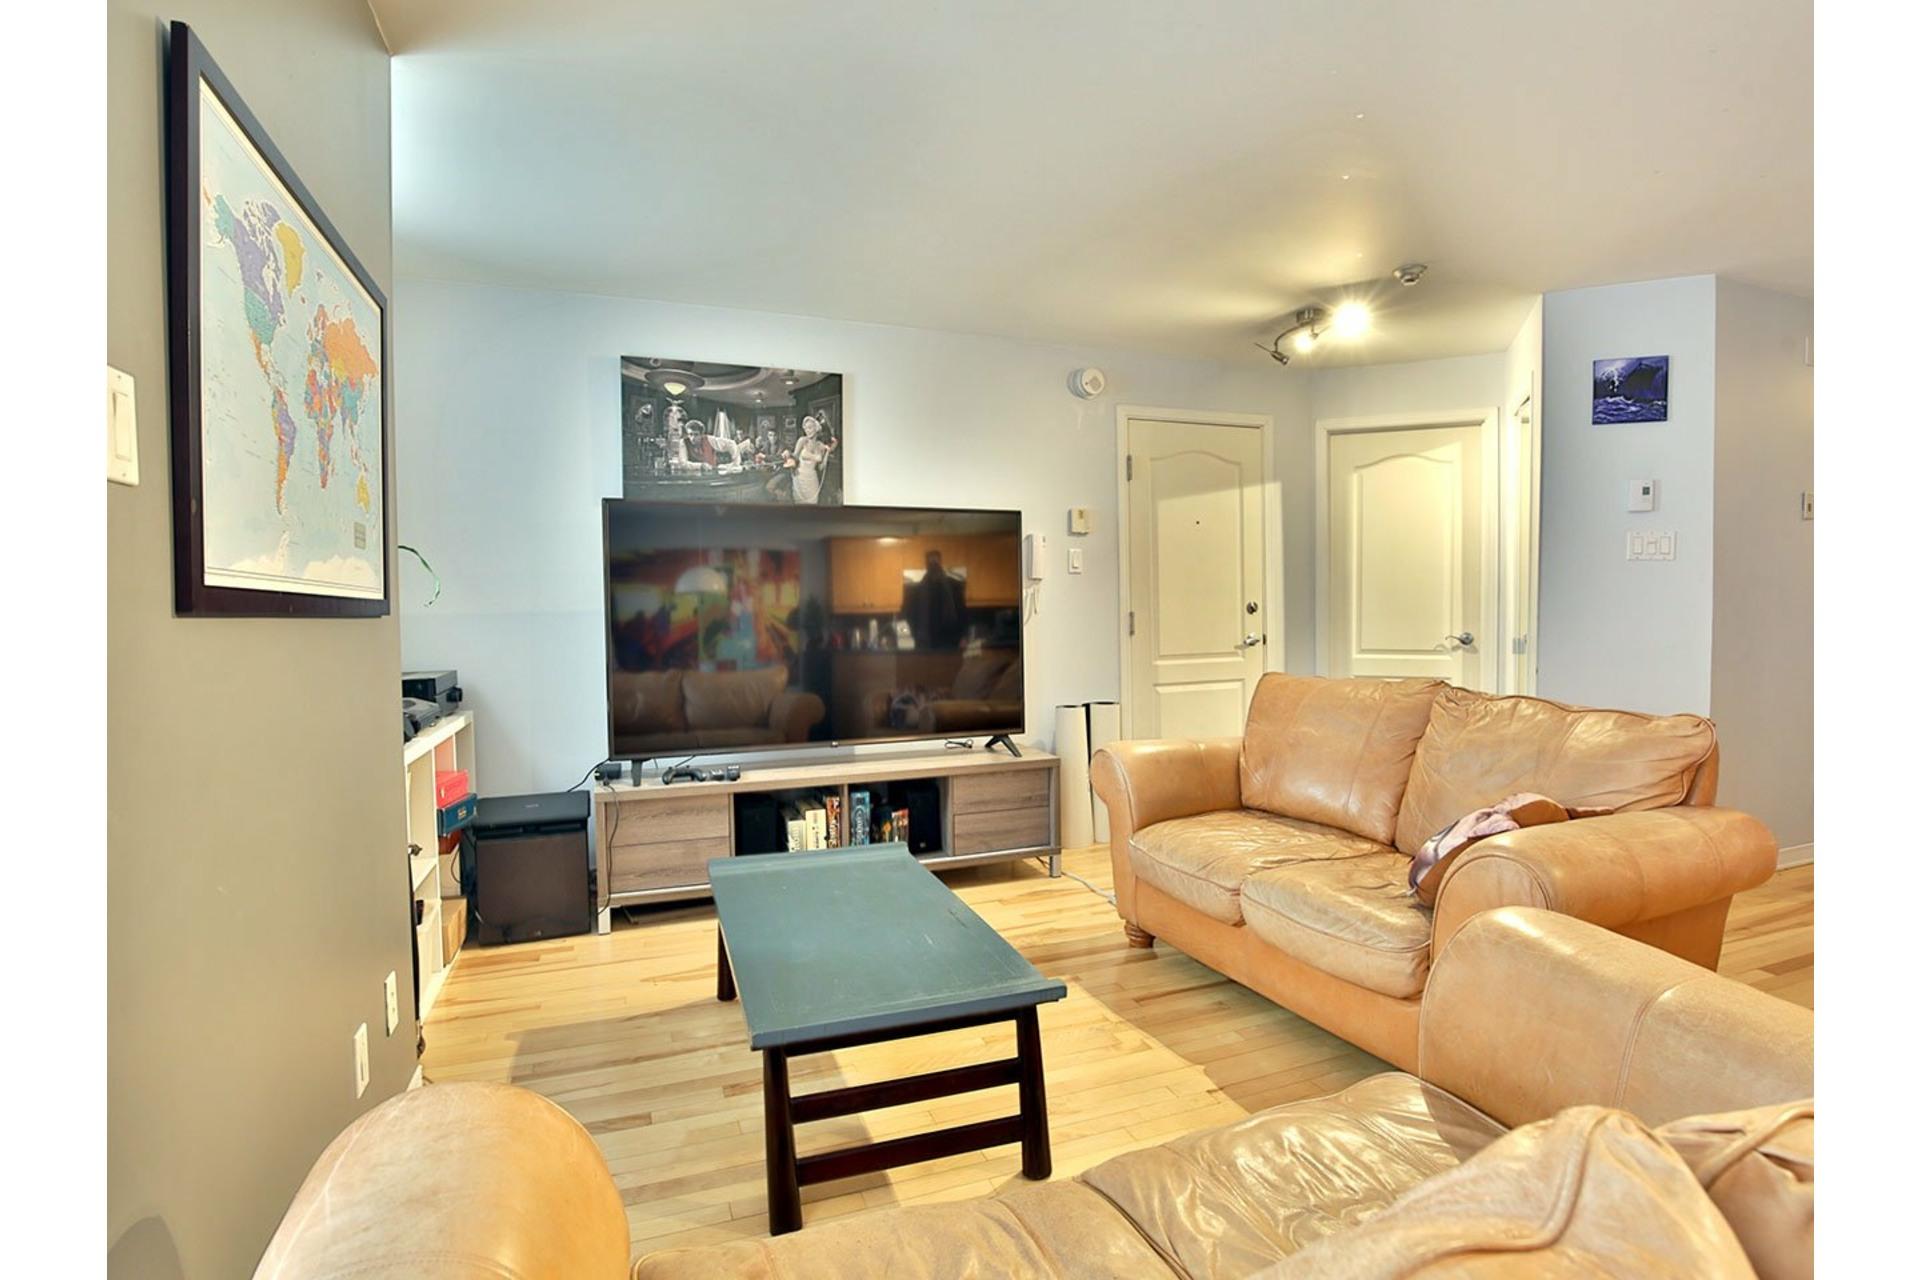 image 5 - Apartment For sale Ville-Marie Montréal  - 7 rooms